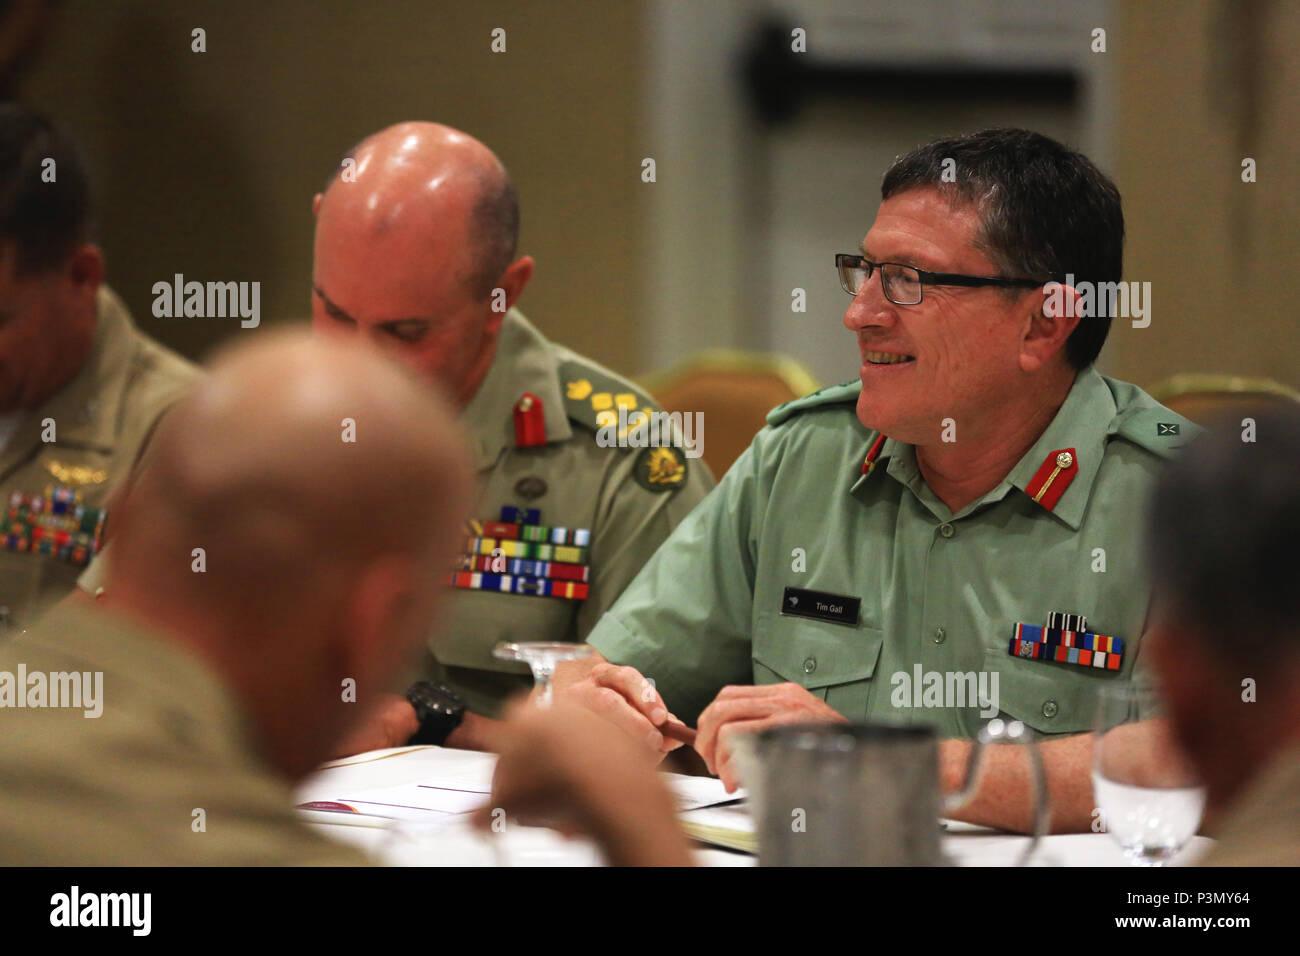 Gral. de la Fuerza de Defensa de Nueva Zelandia Gen. Timothy Gall, comandante de las Fuerzas Conjuntas, Nueva Zelanda, habla con el Cuerpo de Marines de EE.UU El Teniente General John A. Toolan, comandante general de la Flota del Pacífico, la Fuerza Marina, durante una reunión bilateral durante el Comando del Pacífico líderes anfibio Simposio 2016 en San Diego, California, 11 de julio de 2016. Más militares bonos facilitar unas líneas claras de comunicación, y fomentar un espíritu de cooperación para enfrentar los desafíos regionales y globales de beneficios mutuos. Más de 20 aliados y asoció las naciones, incluyendo los Estados Unidos están participando para fortalecer las relaciones de trabajo ac Foto de stock